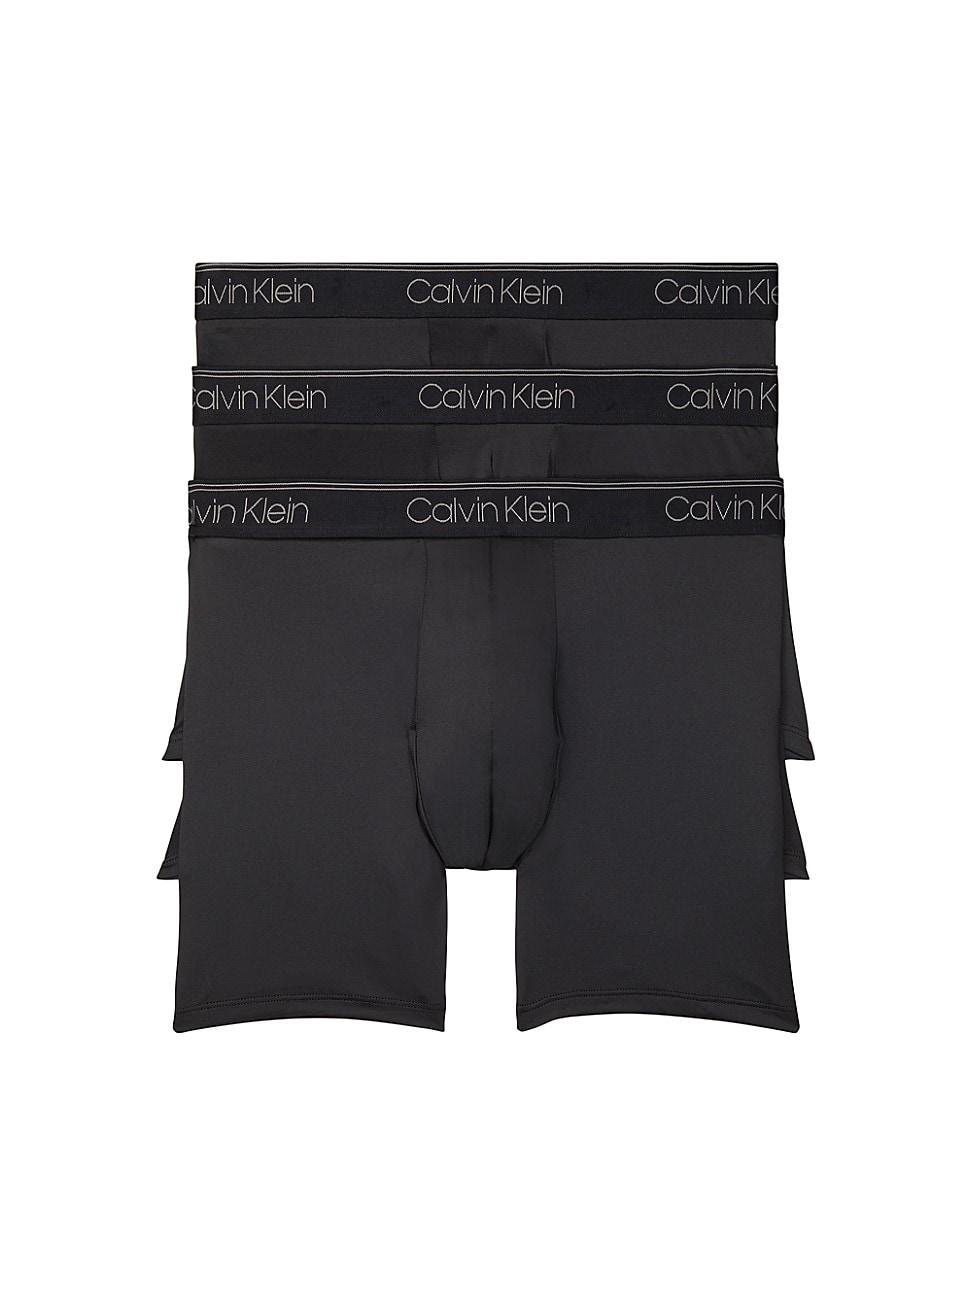 Calvin Klein Briefs MEN'S 3-PACK MICRO STRETCH BOXER BRIEFS